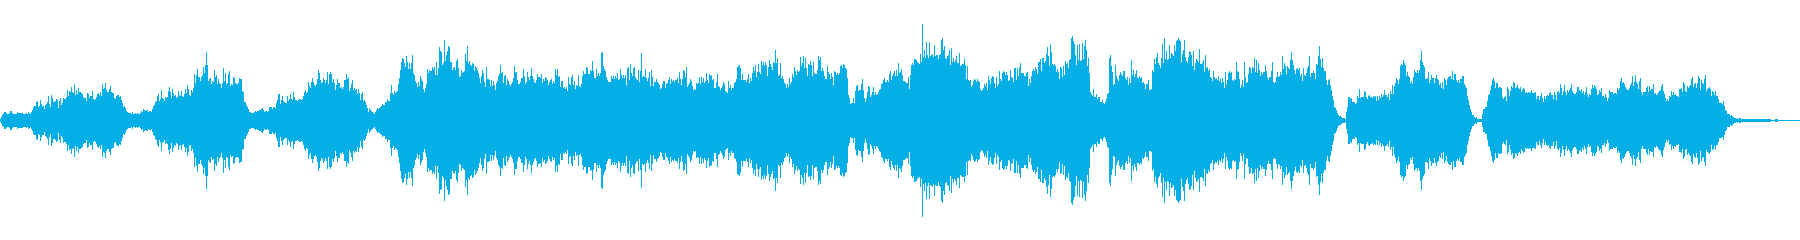 不穏・暗い・ファンタジー・BGMの再生済みの波形